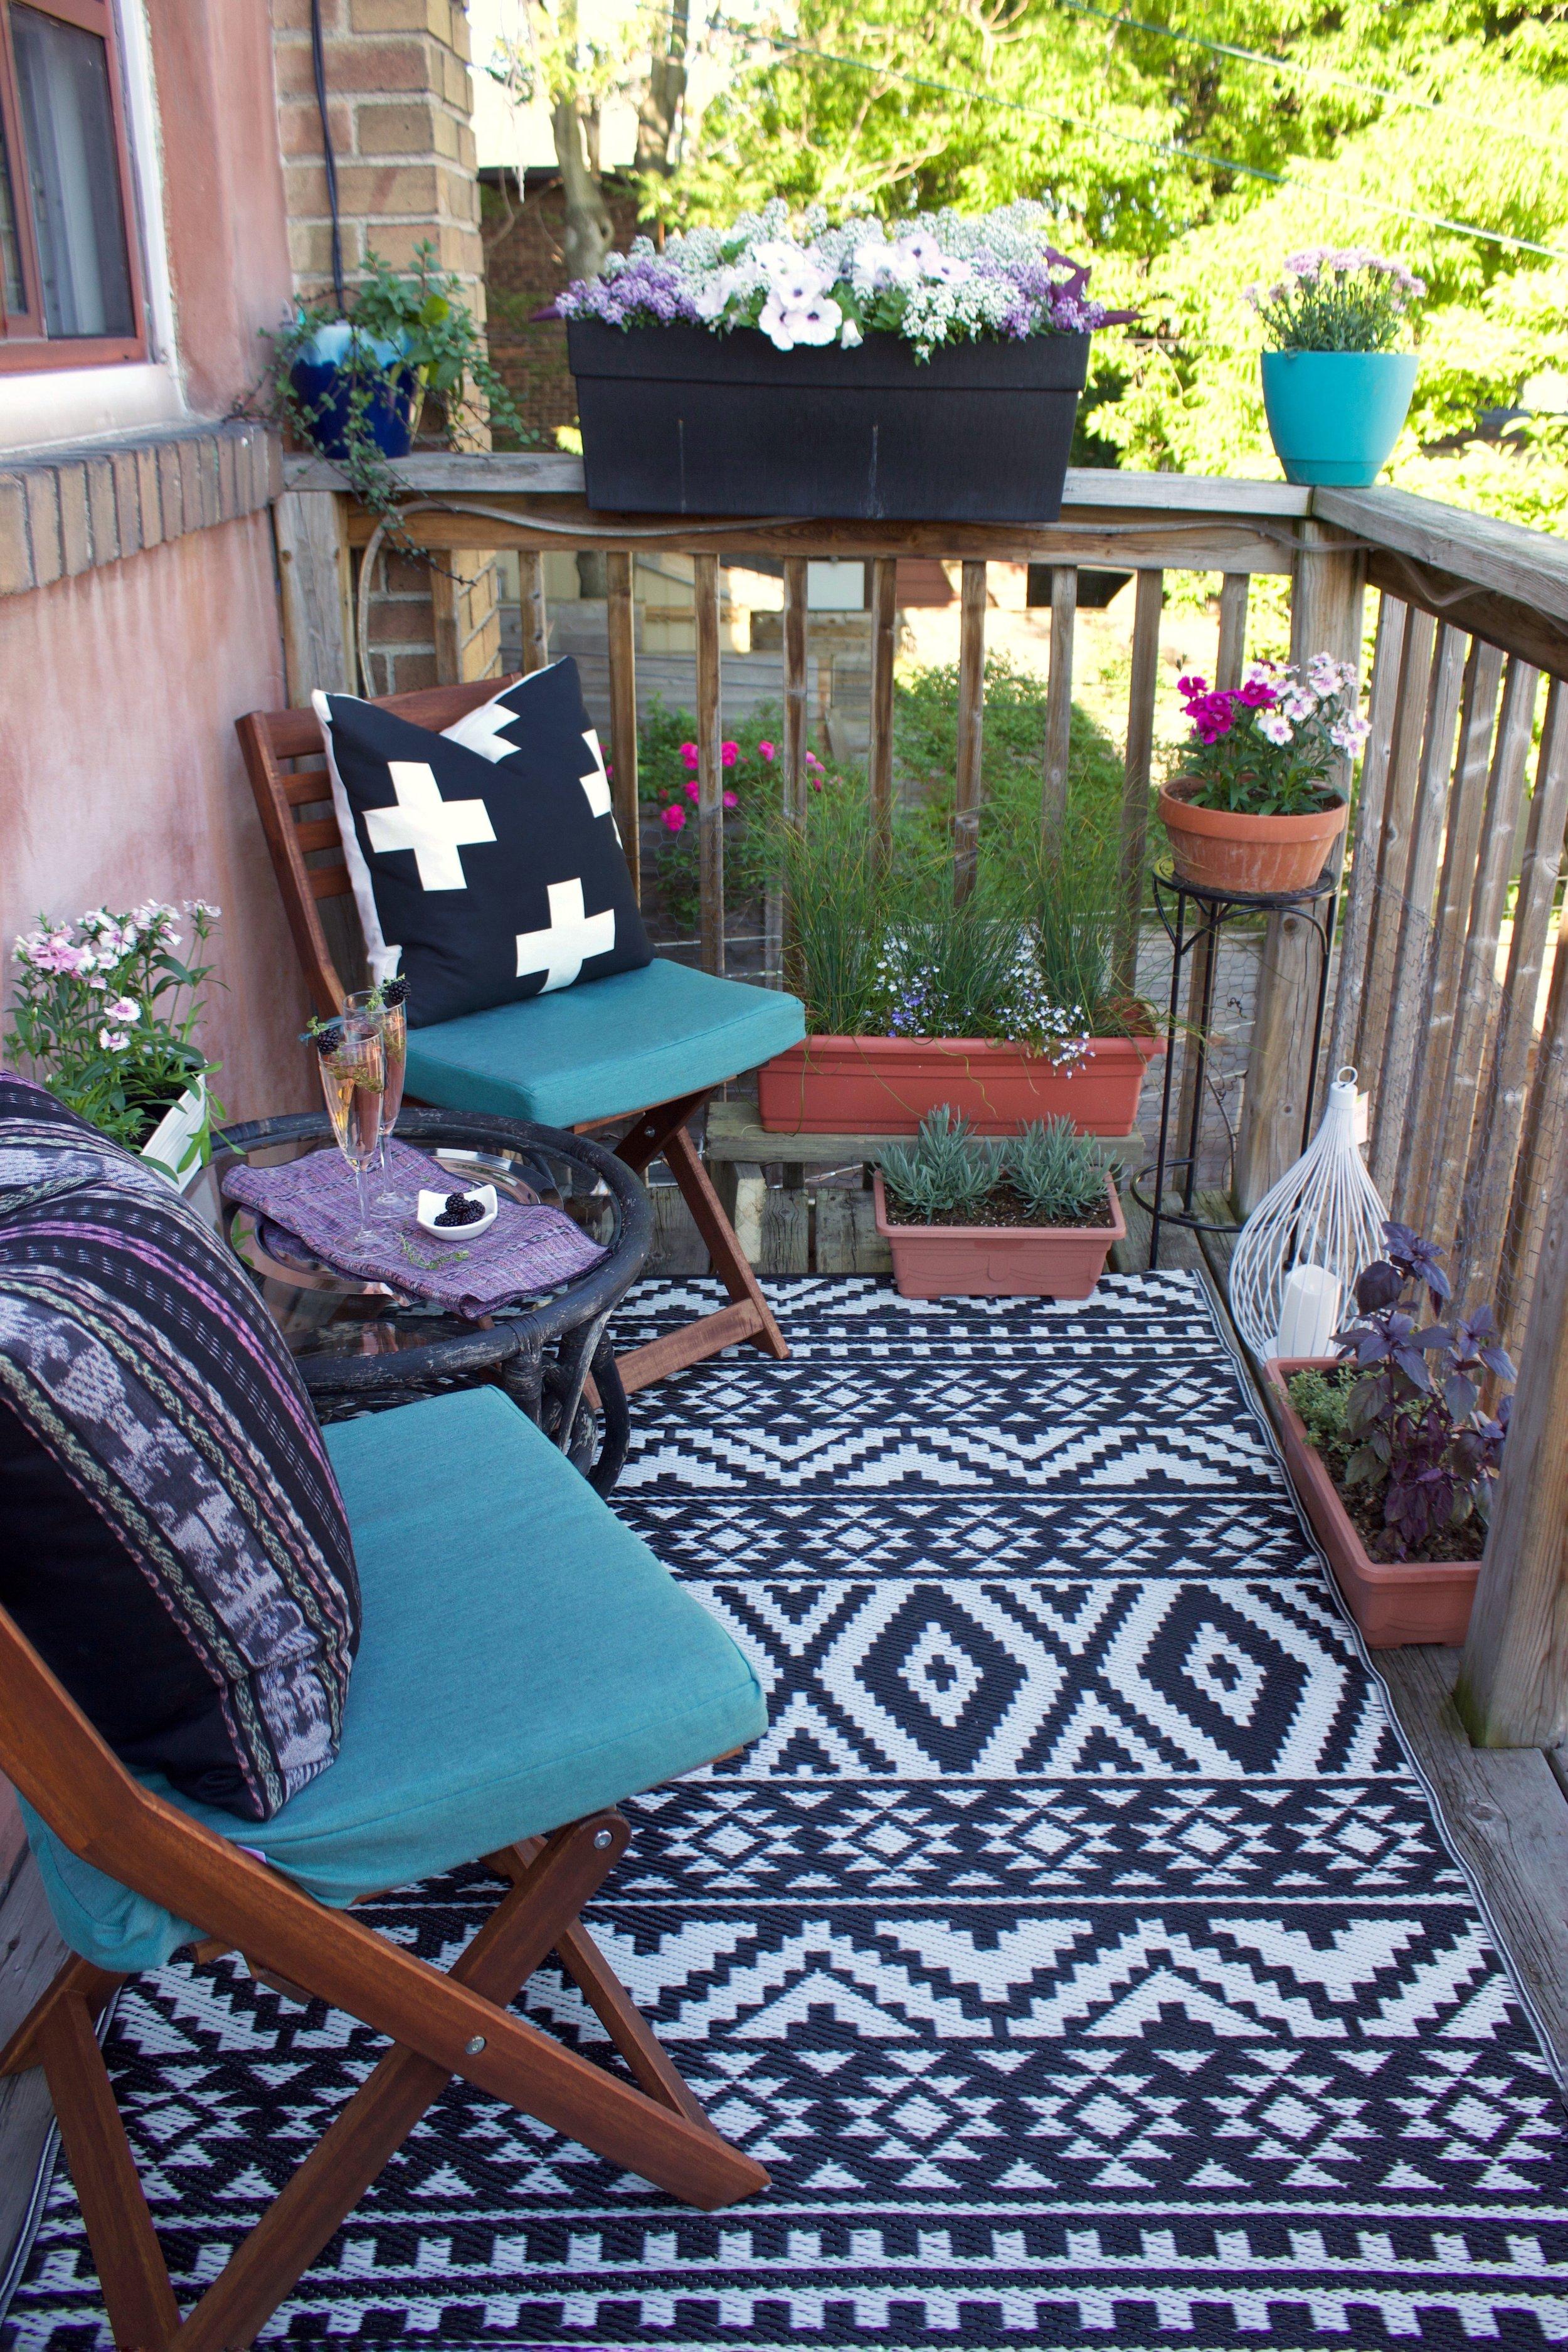 How To Create An Urban Garden Oasis